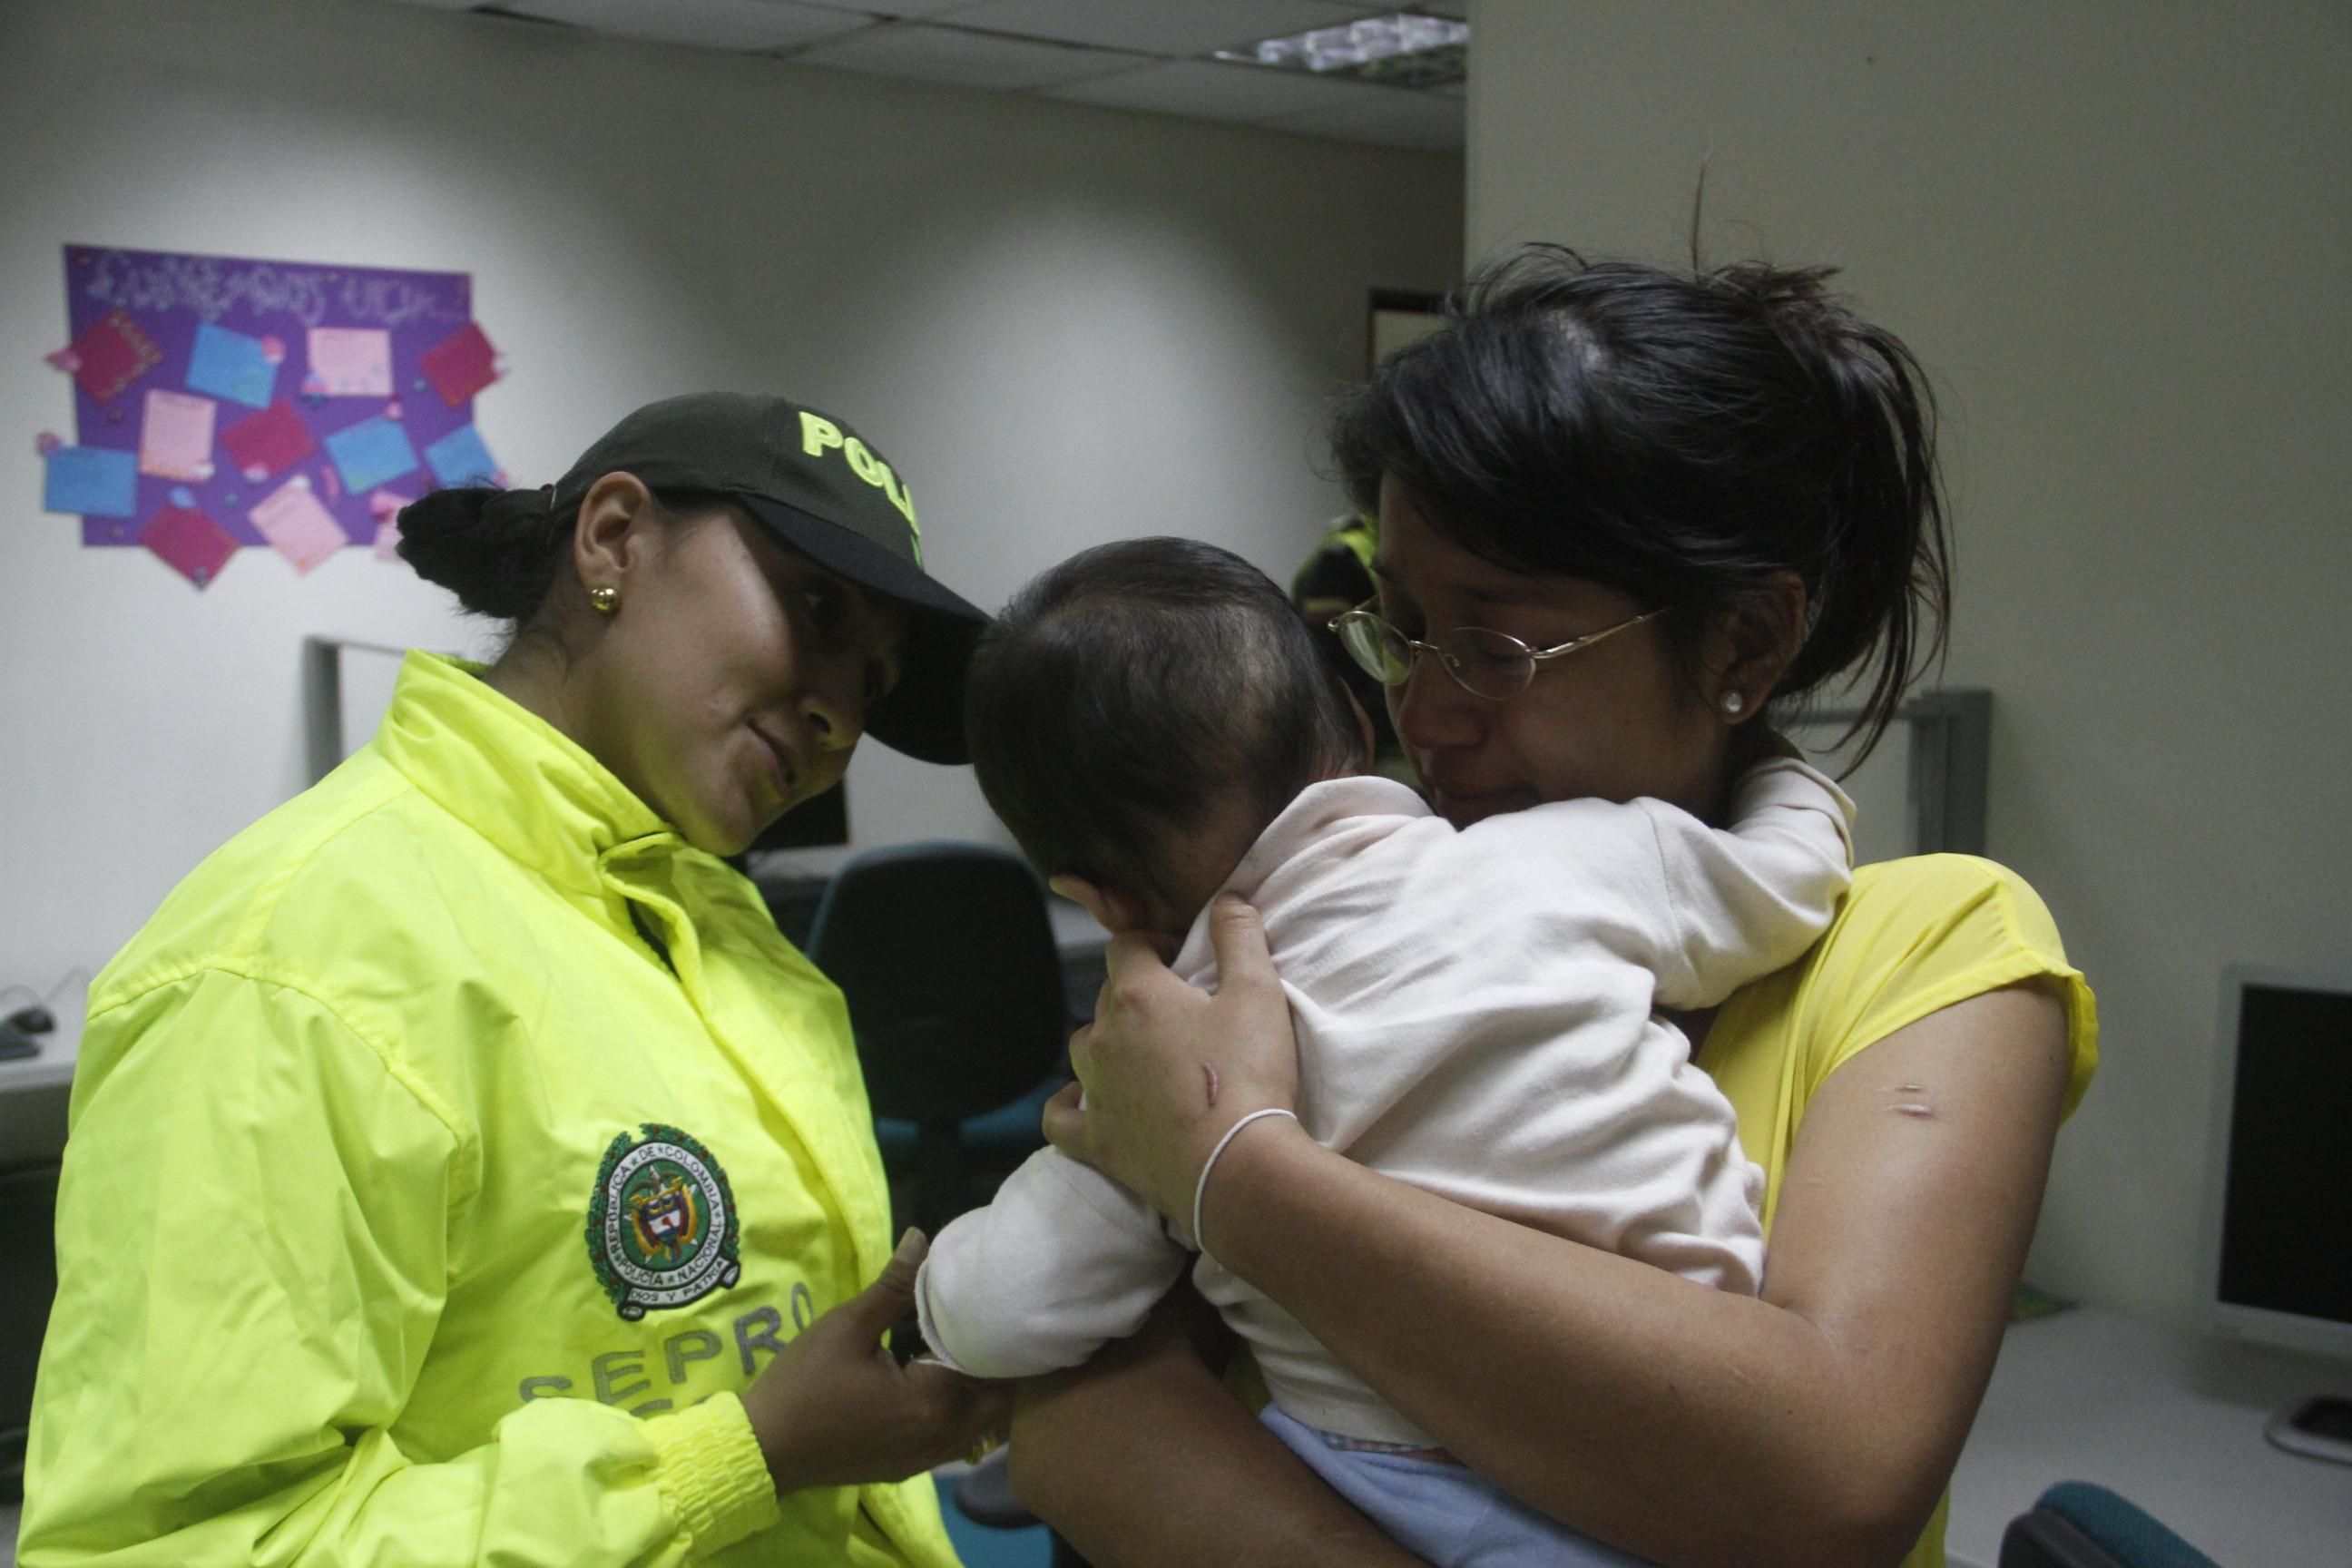 Detenido el hombre que secuestró a su hija de 11 meses